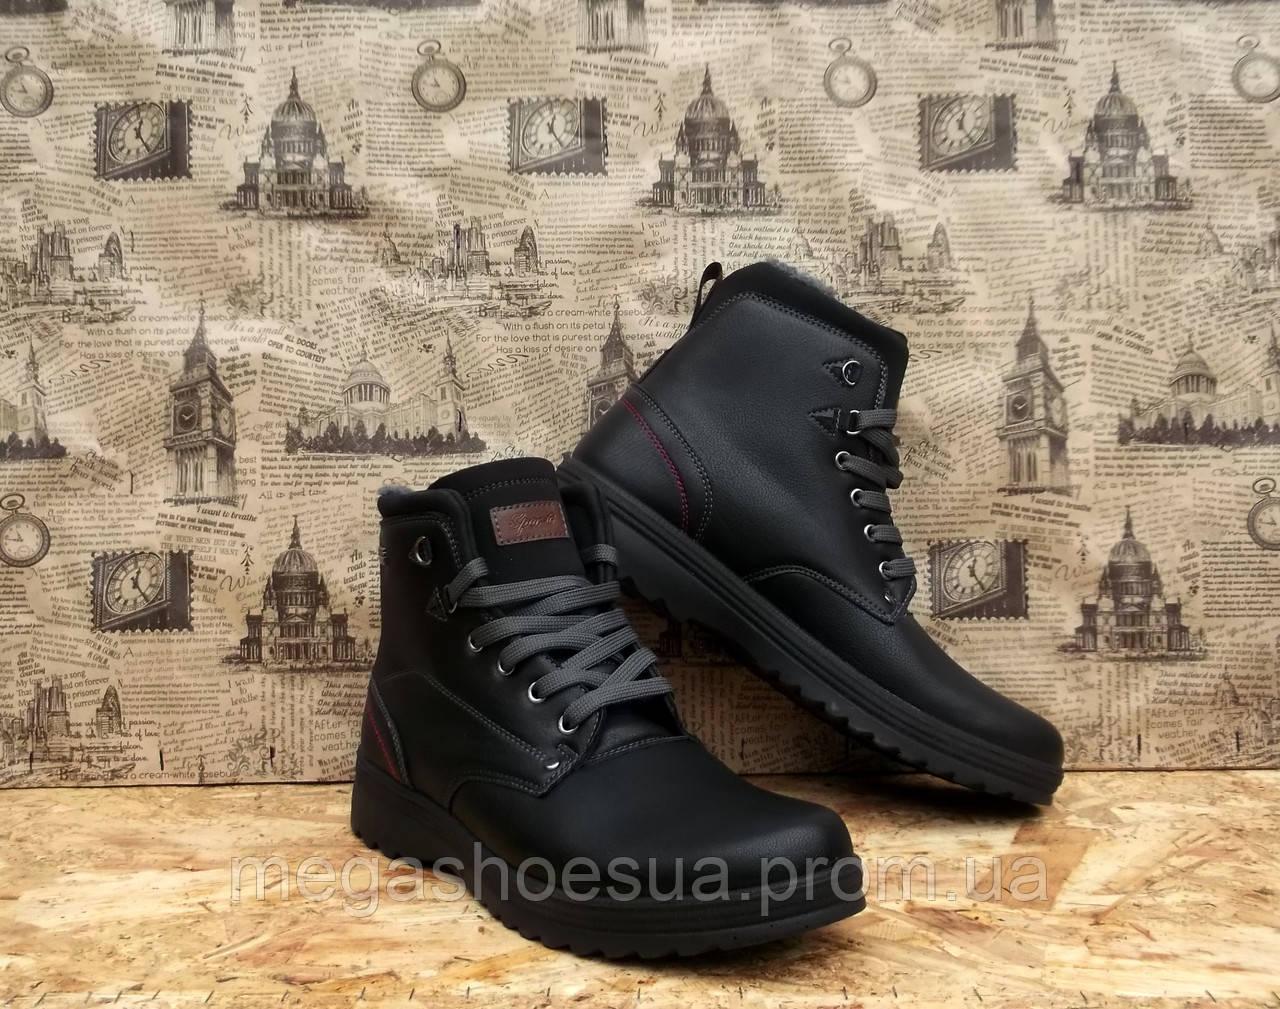 Ботинки мужские с мехом качественные украинского производителя -  Интернет-магазин украинской обуви MegaShoes в Киеве 9948fc57c14